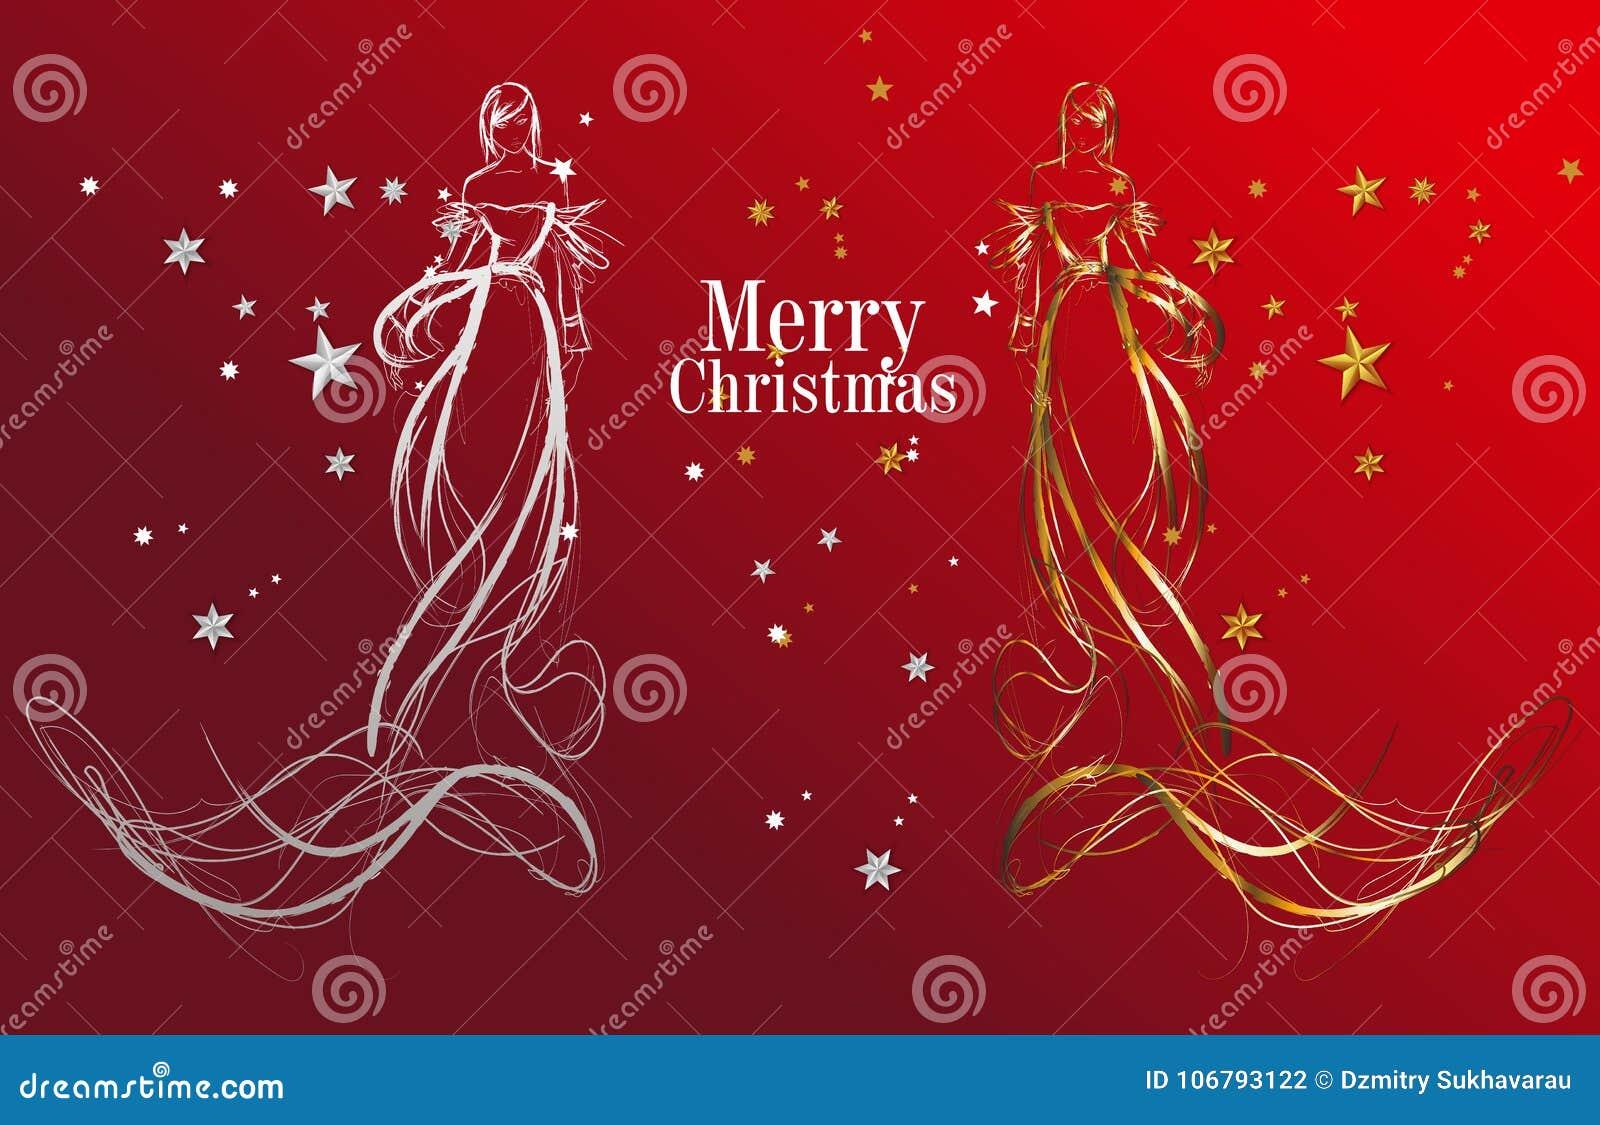 JULMODEFLICKOR runt om kortbarn cirklar julen den lyckliga snowmanen för danshelgdagsaftonhälsningar